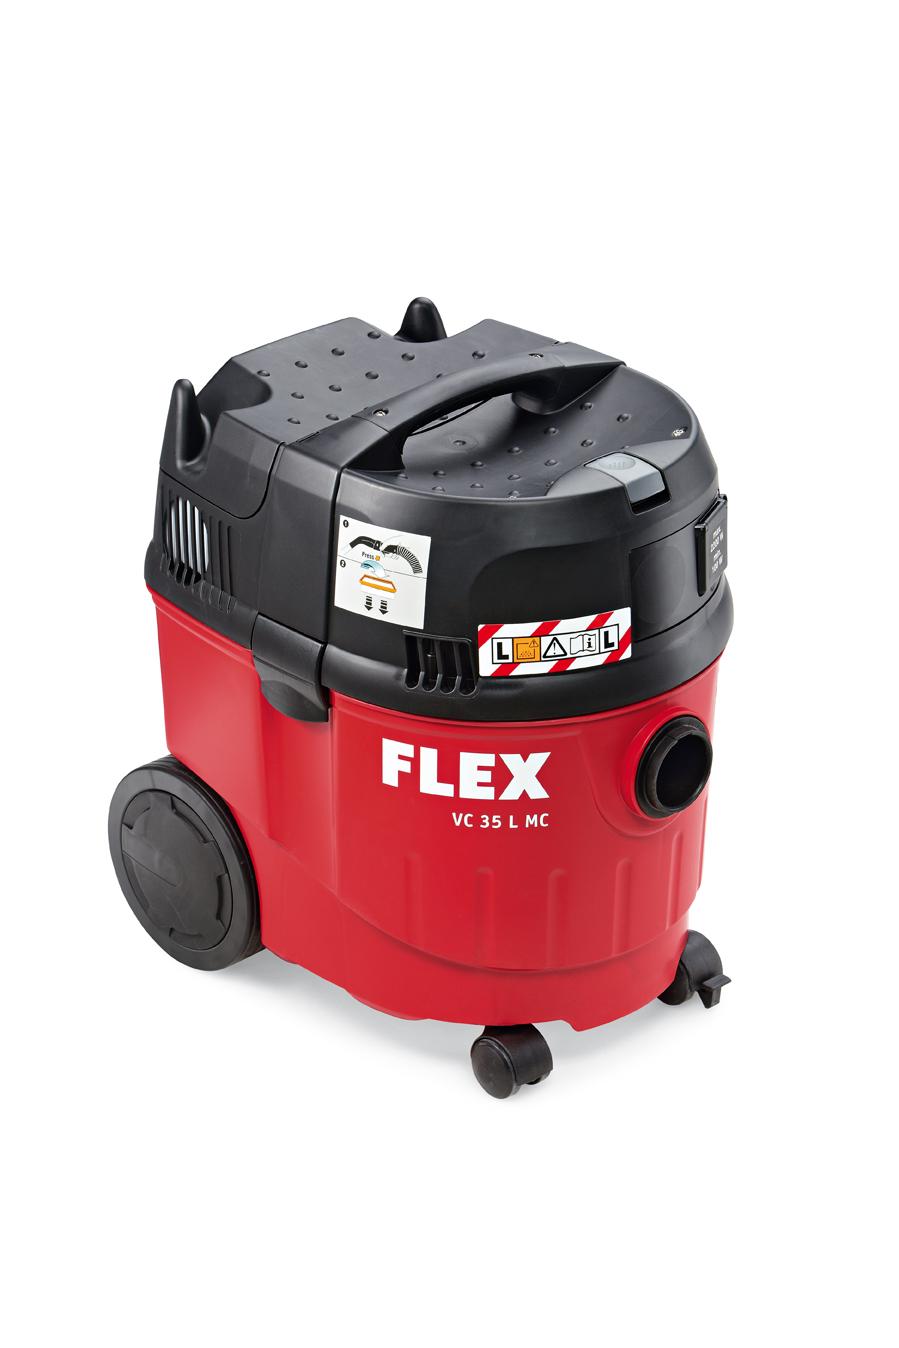 Flex vc35 atelier aspirateur mouillé + sec aspirateur vc